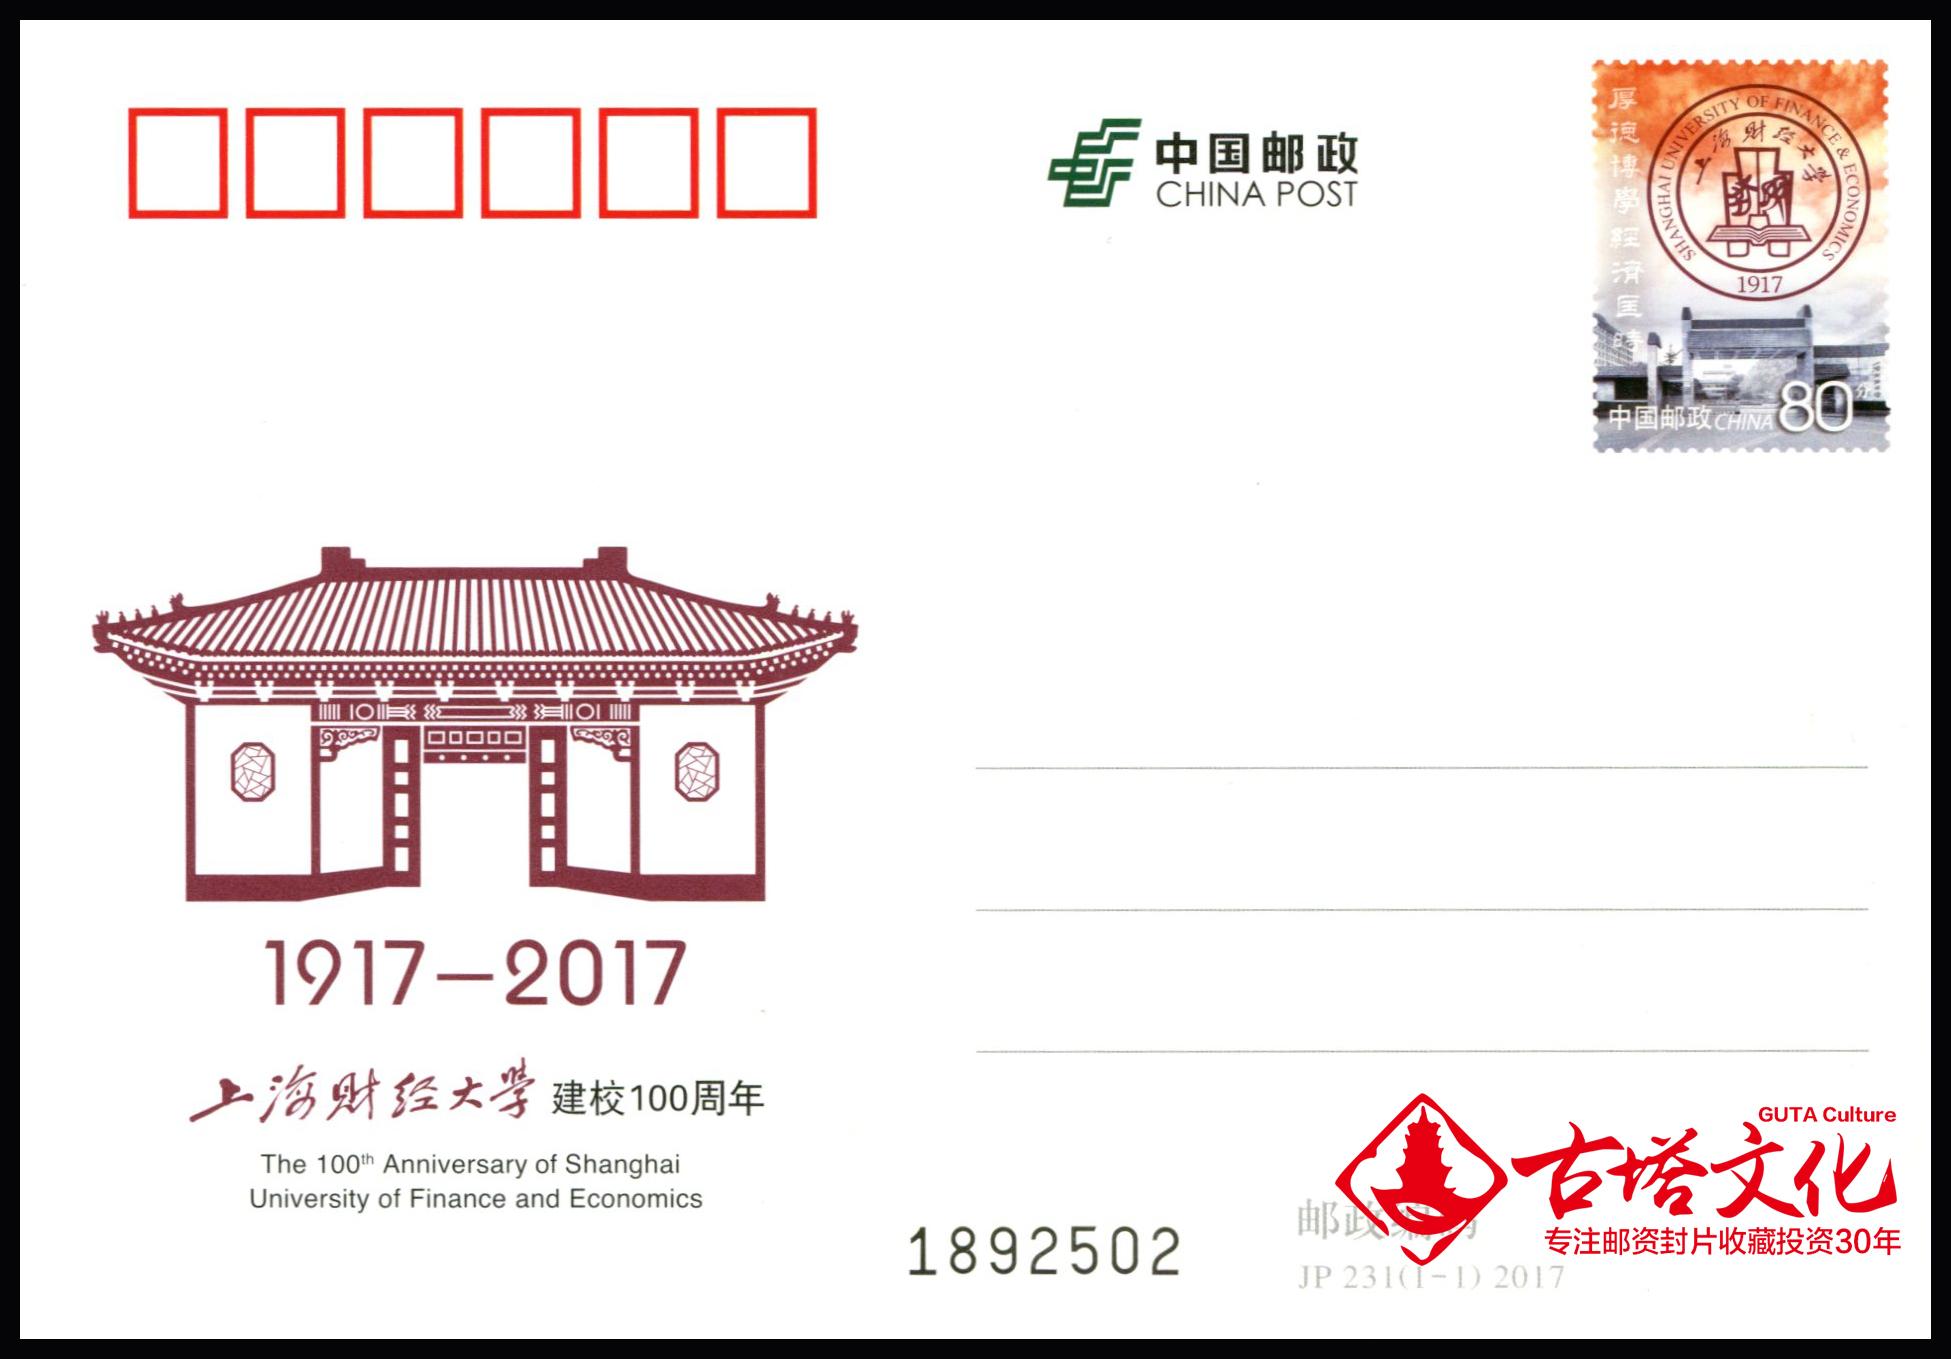 JP231 2017 год шанхай деньги после университет строить школа 100 годовщина годовщина почта капитал открытка почта капитал лист